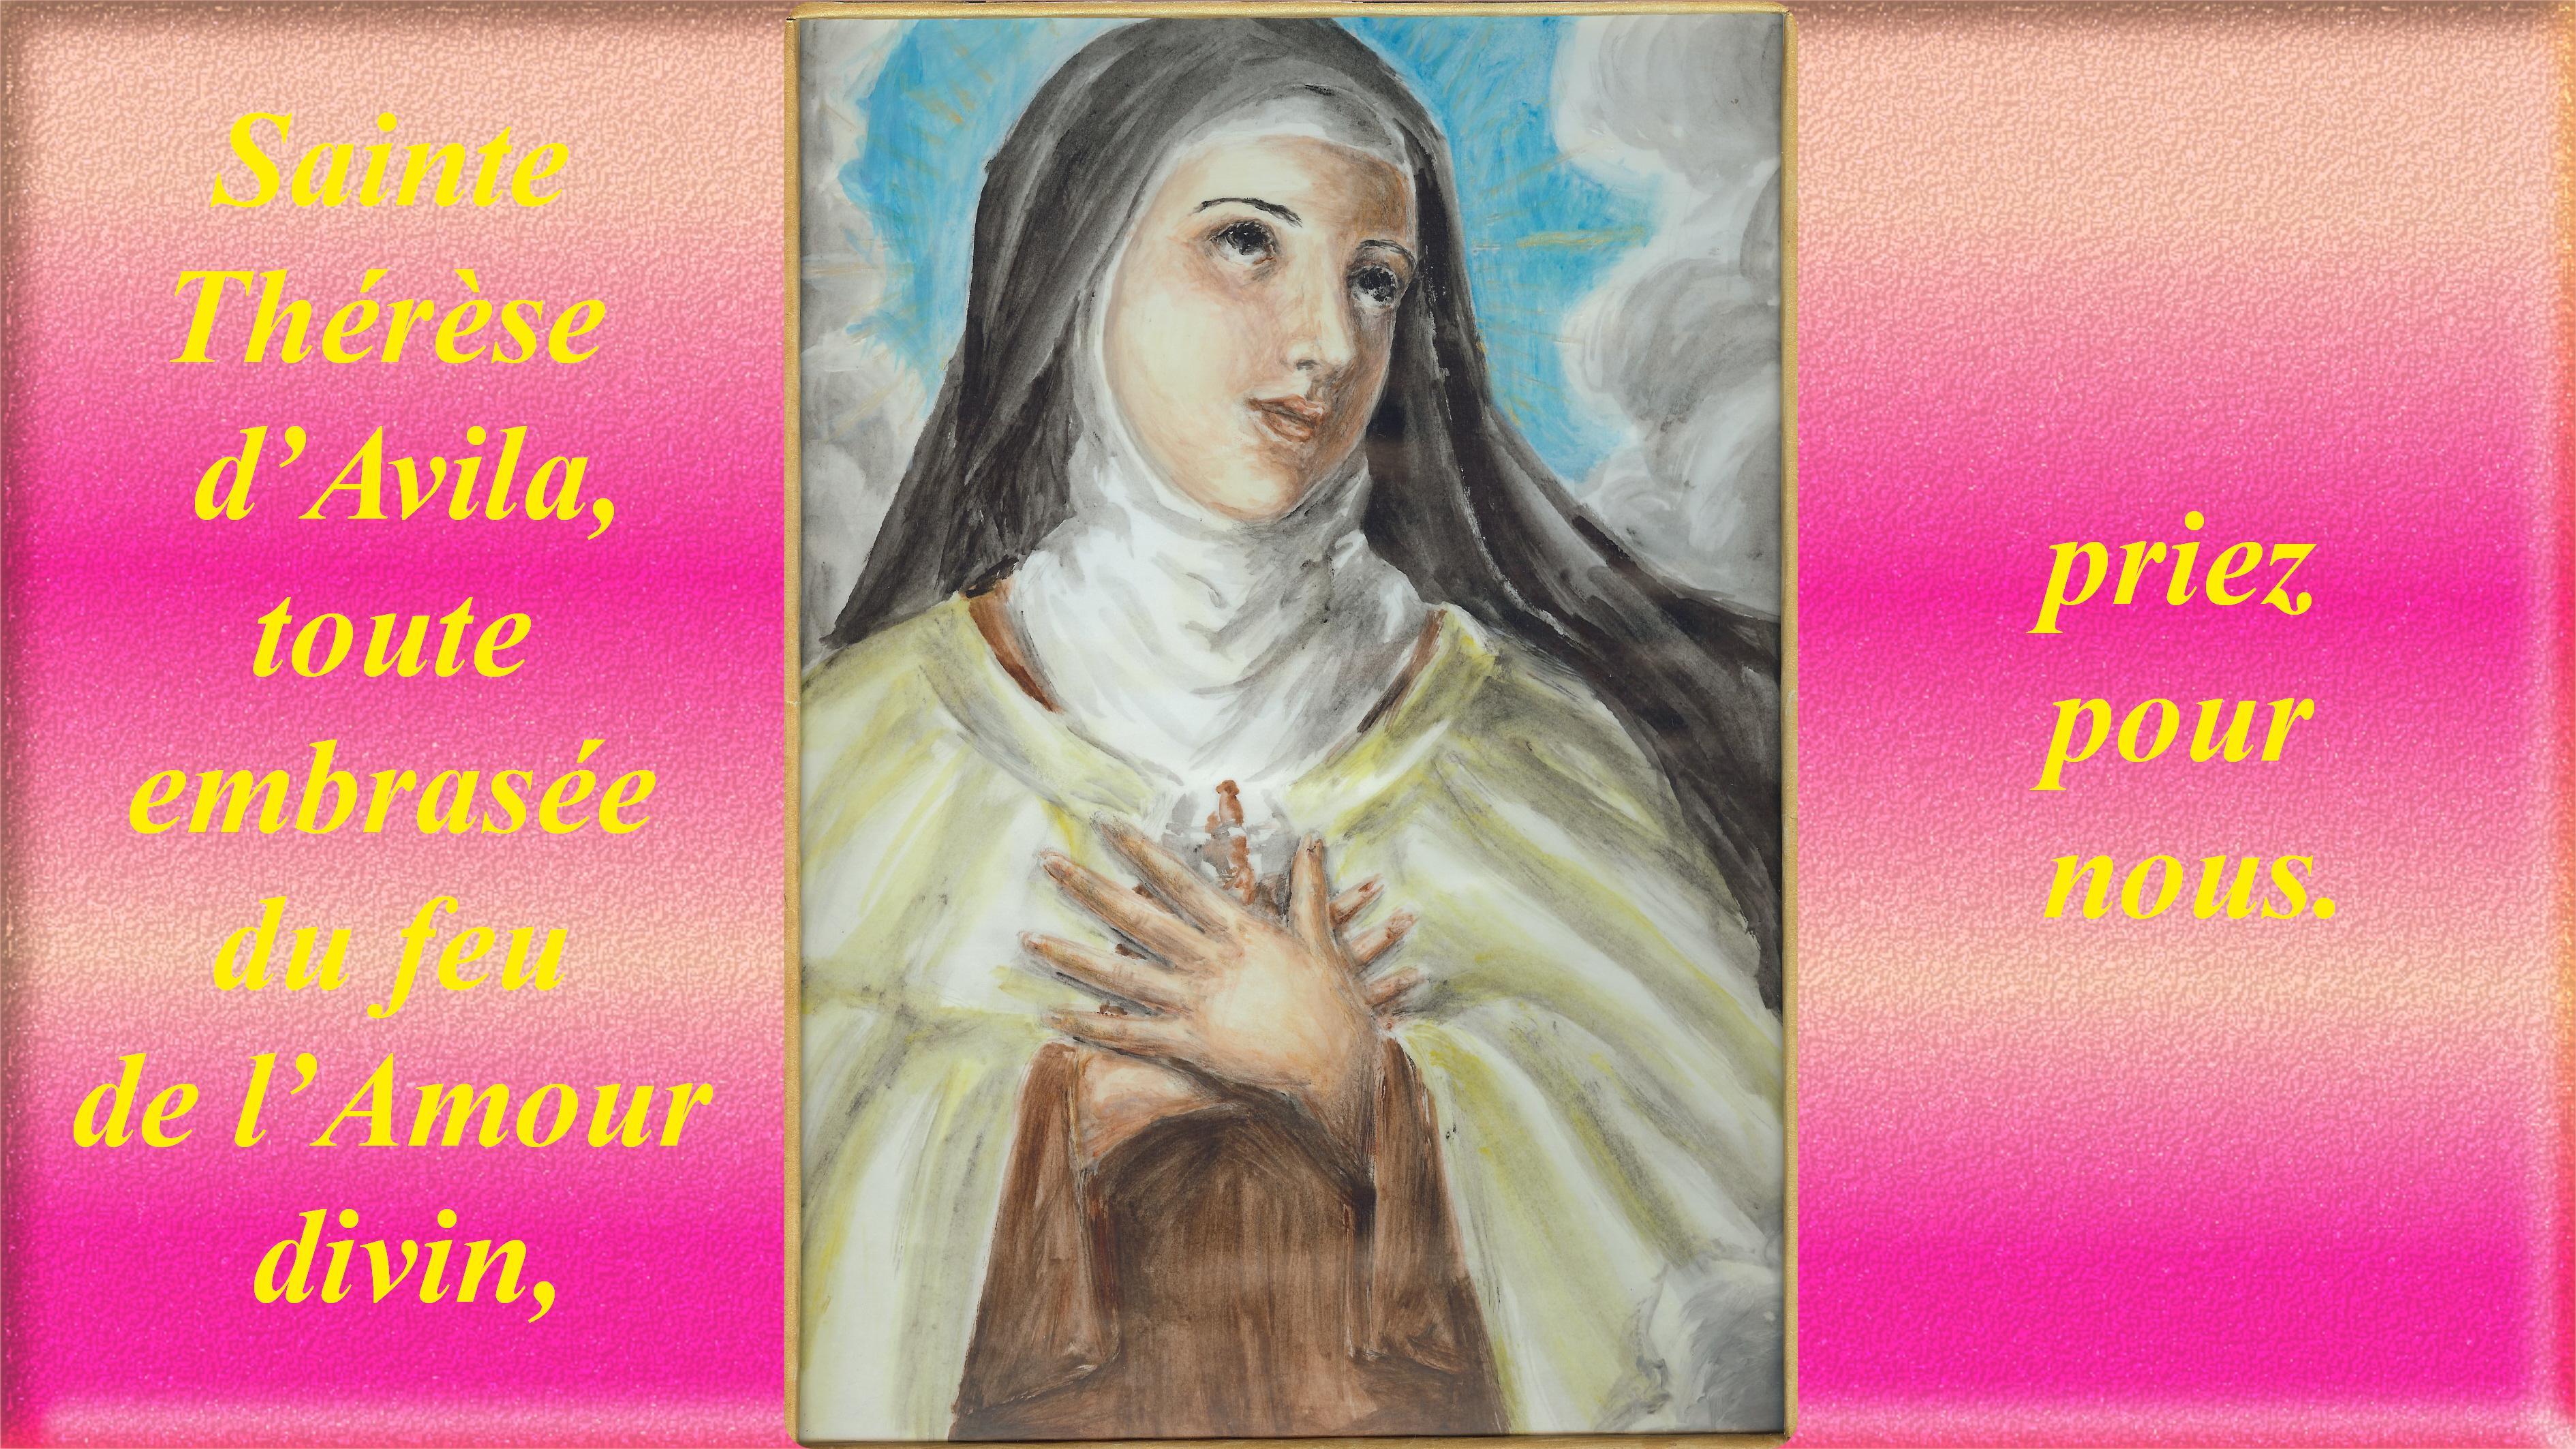 CALENDRIER CATHOLIQUE 2019 (Cantiques, Prières & Images) - Page 12 La-glorification-...-d-avila-56aa56e